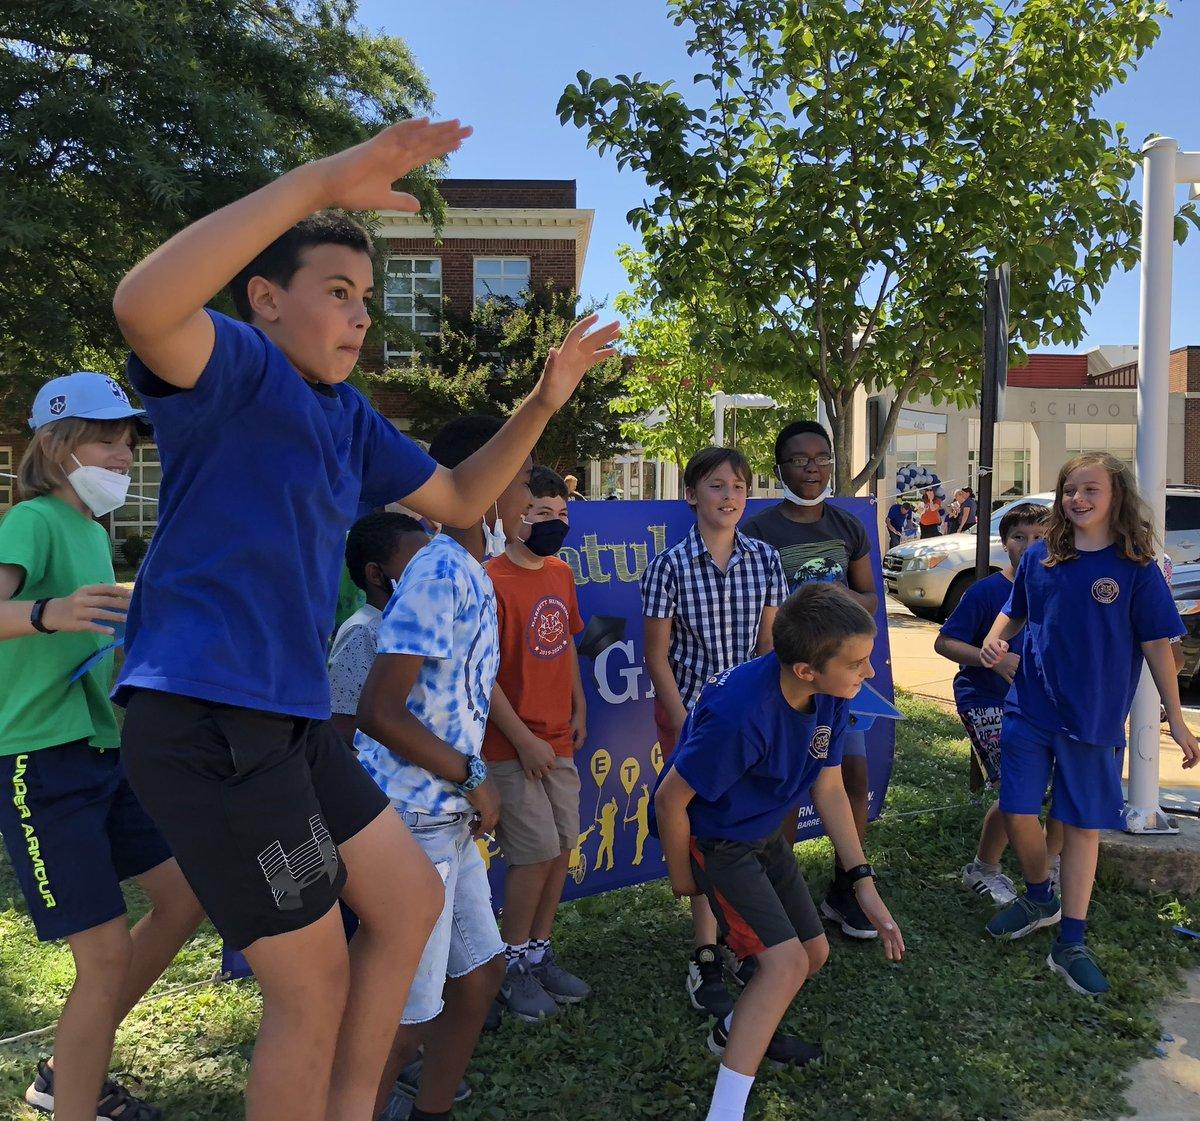 جميلة الطقس المشمس الدافئ لمدة باريت 5TH التصفيق تعزيز الصف موكب من الاحتفال #KWBPride #students #smiles #jump #joy # APSGrads2021 #KWBPride #APSisAwesome APSVirginia https://t.co/JMZIZNlVkH